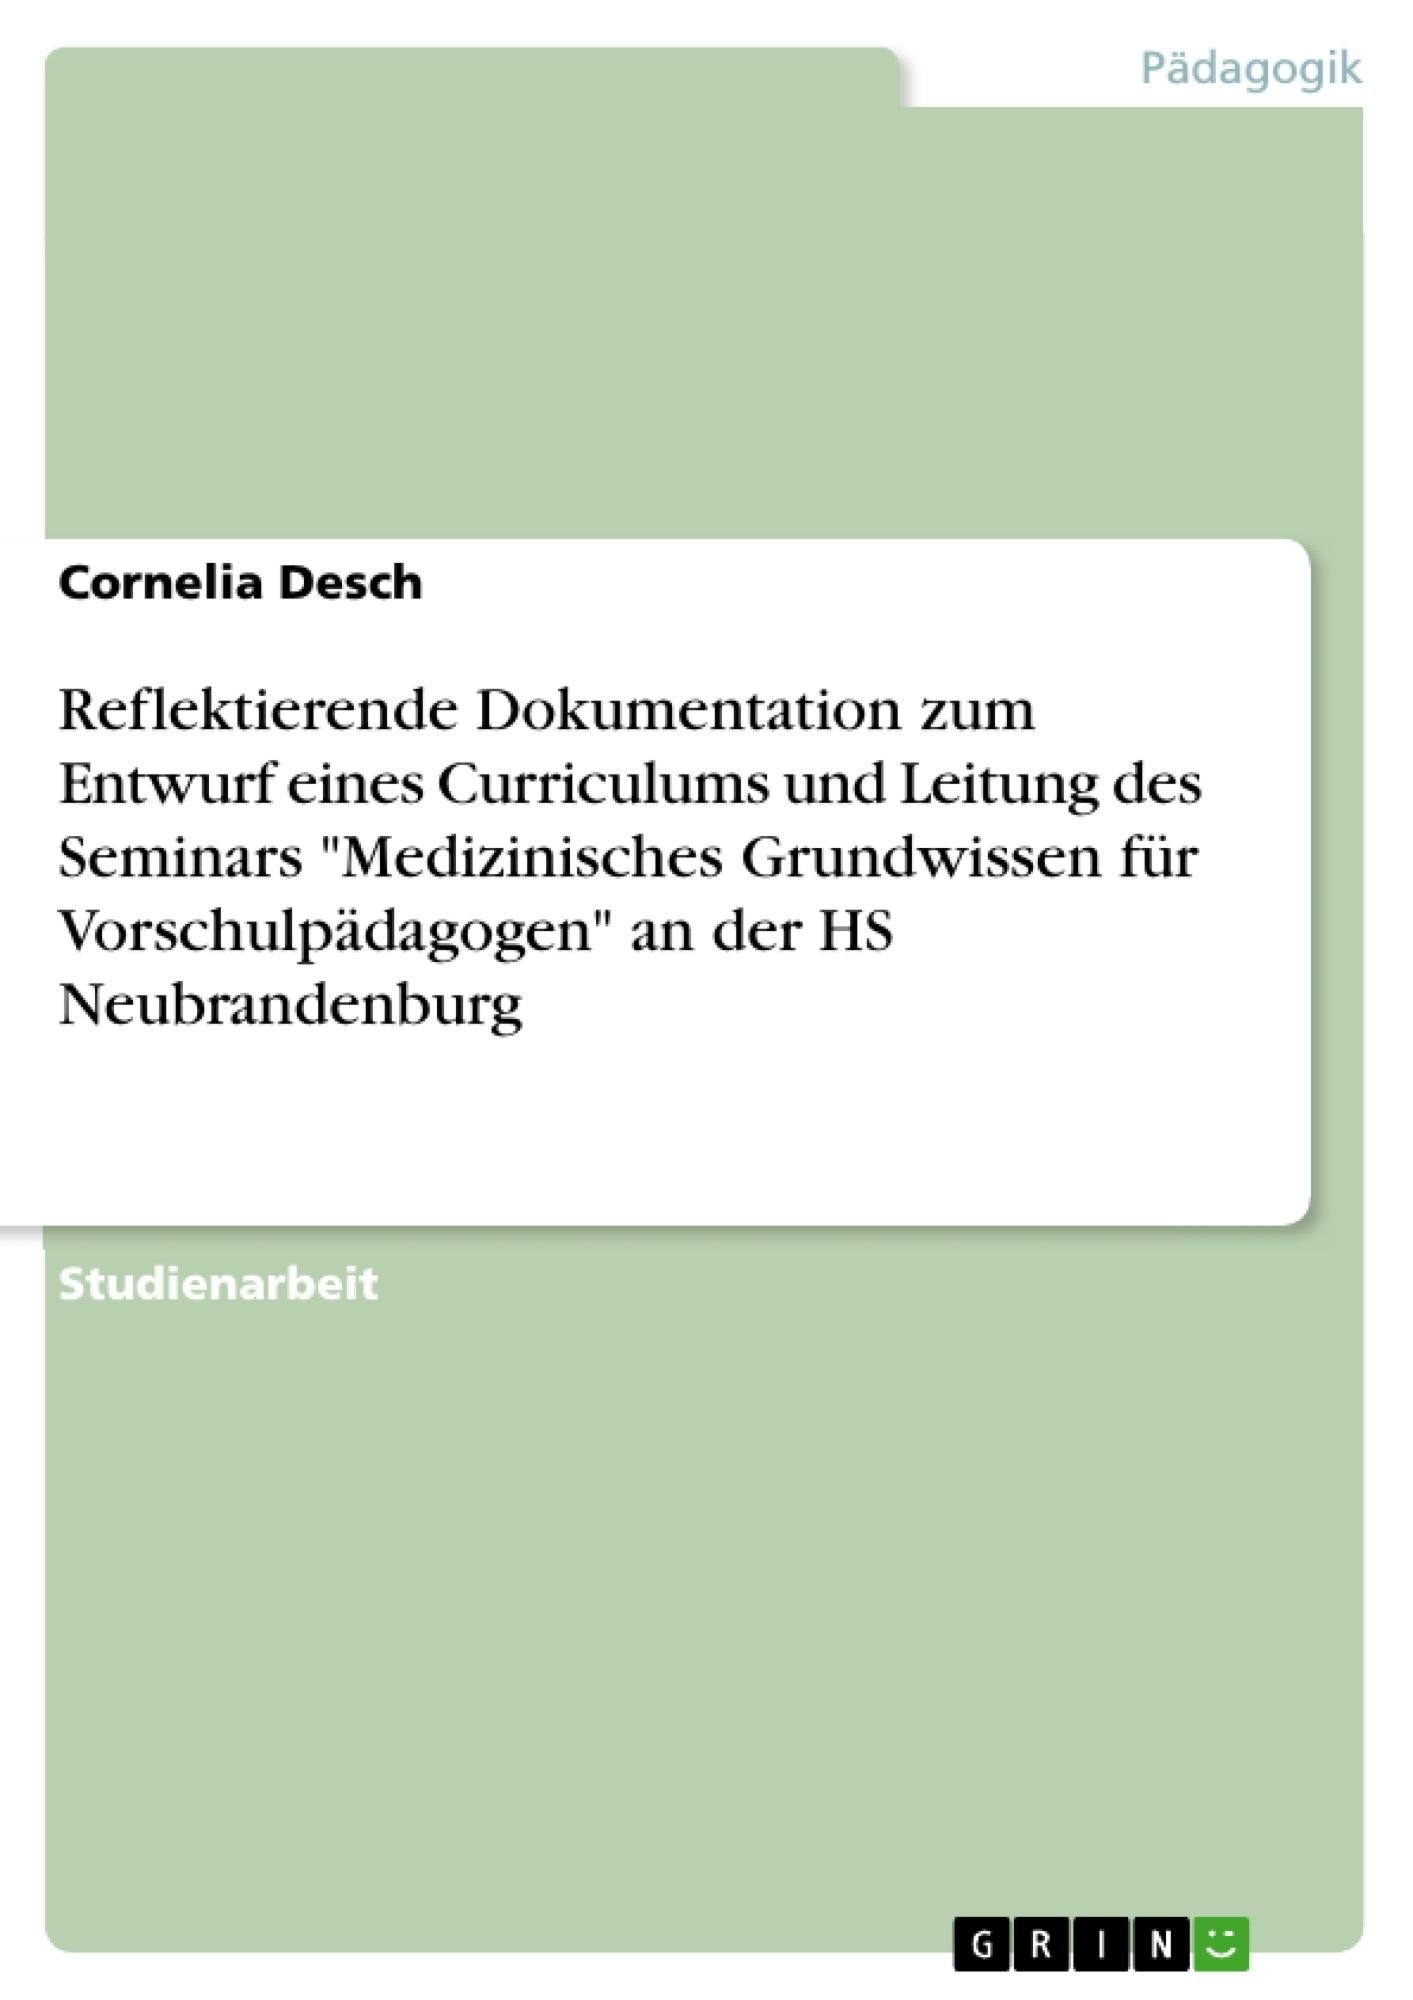 """Titel: Reflektierende Dokumentation zum Entwurf eines Curriculums und Leitung des Seminars """"Medizinisches Grundwissen für Vorschulpädagogen"""" an der HS Neubrandenburg"""